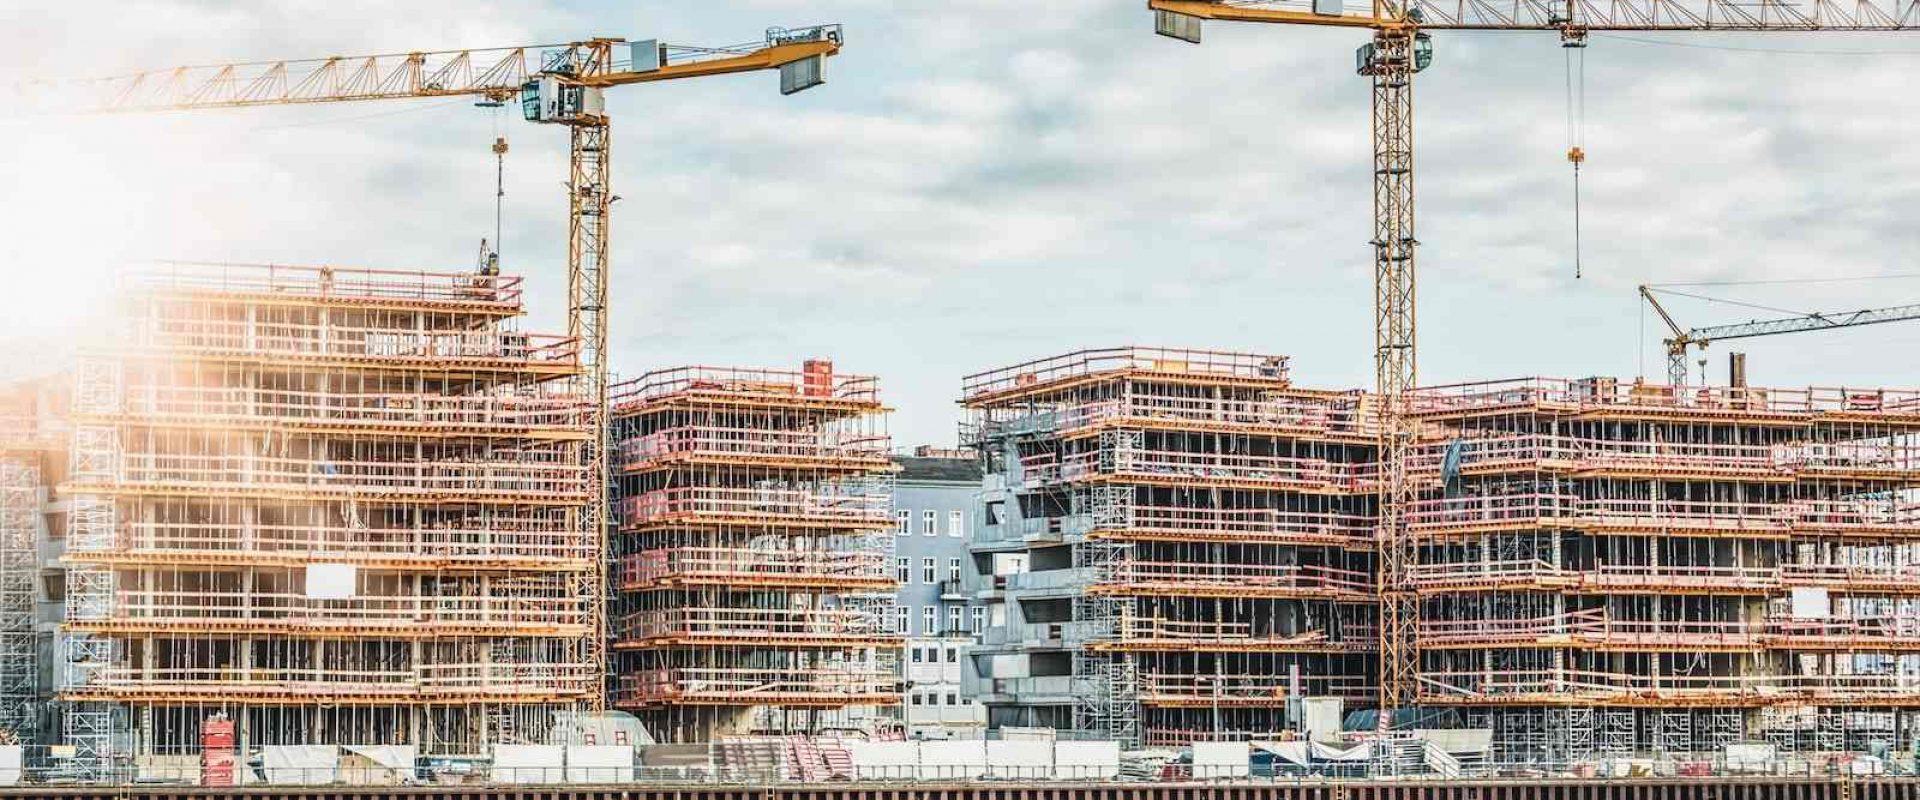 Eiendomsutvikling i byen, der store bygg er dekket av stillas og kraner på byggeplassen.